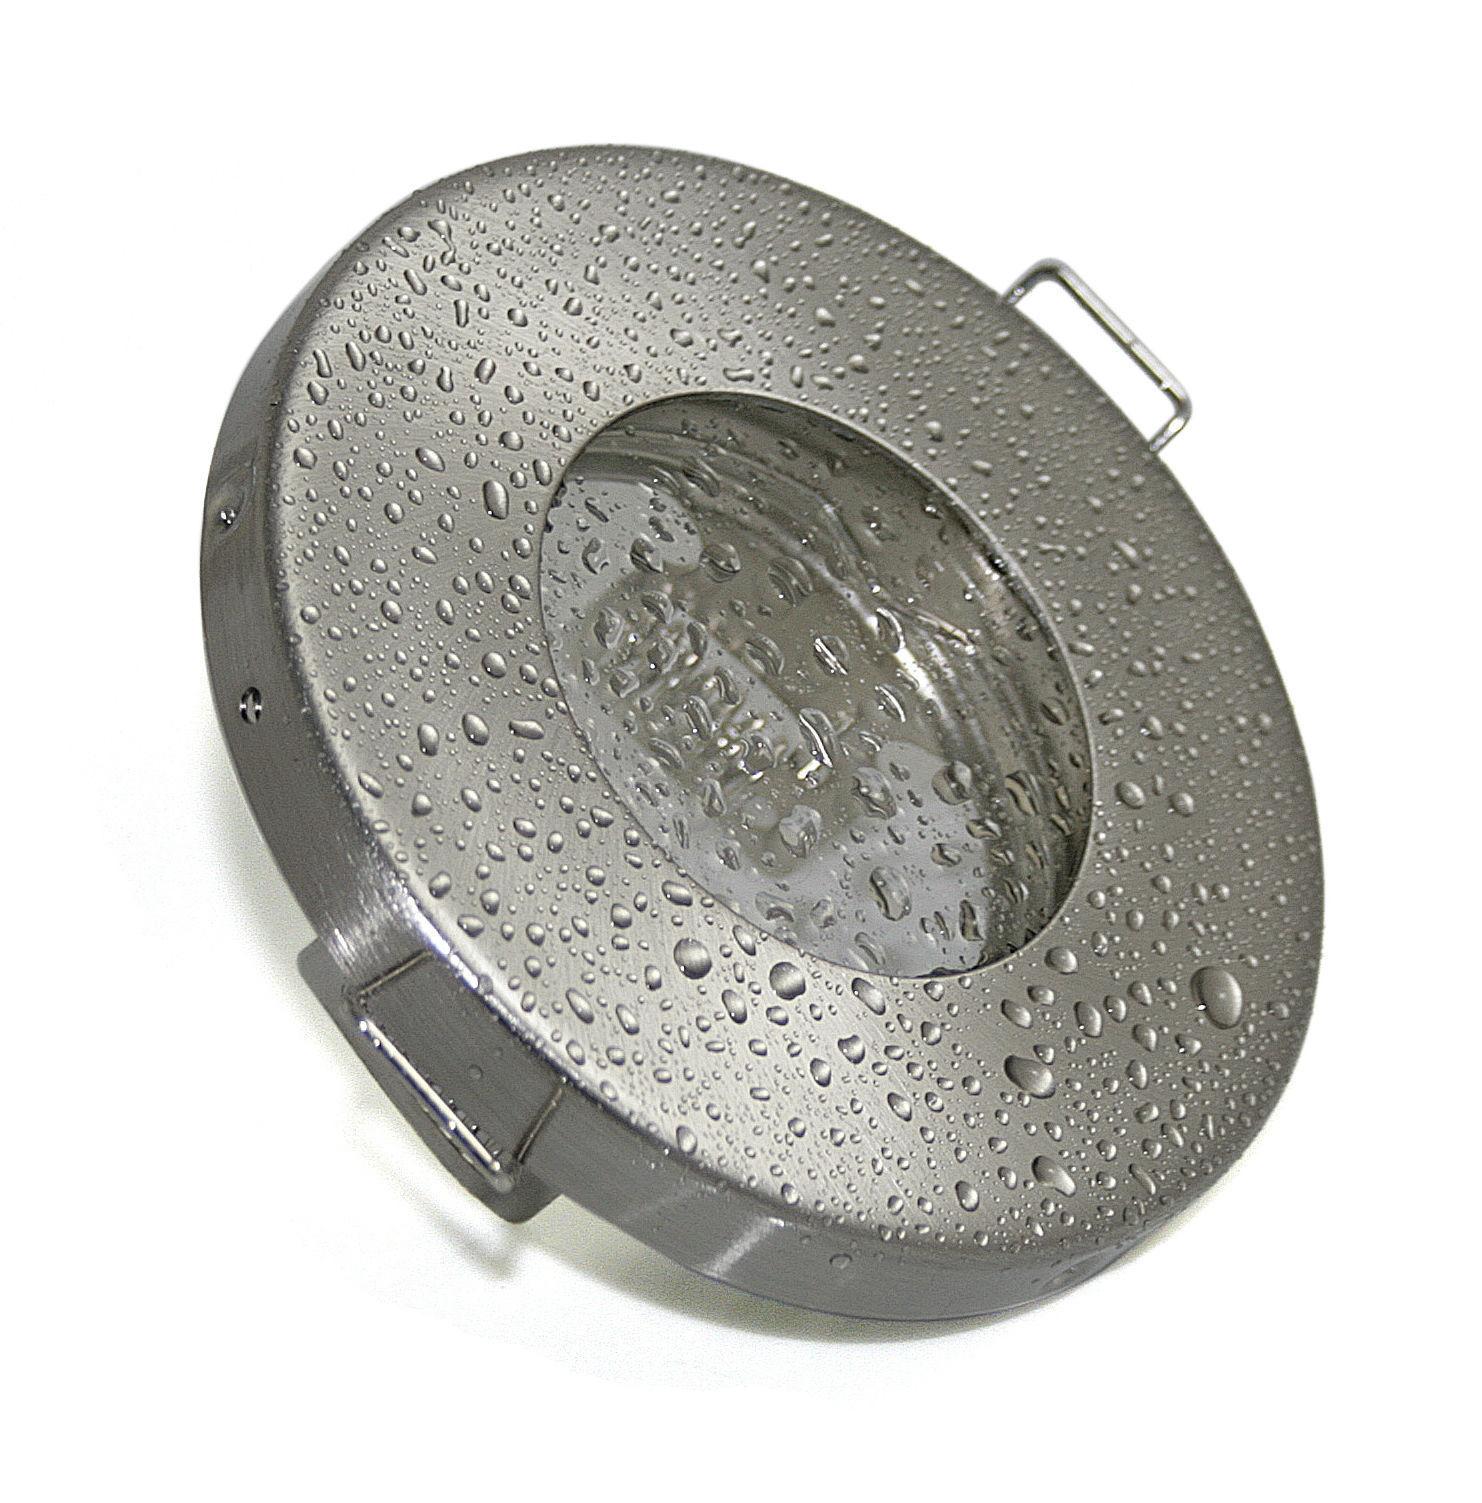 Einbaustrahler GU10 IP65 LED 5W 230V Einbaurahmen Feuchtraum Nassraum Badlampe